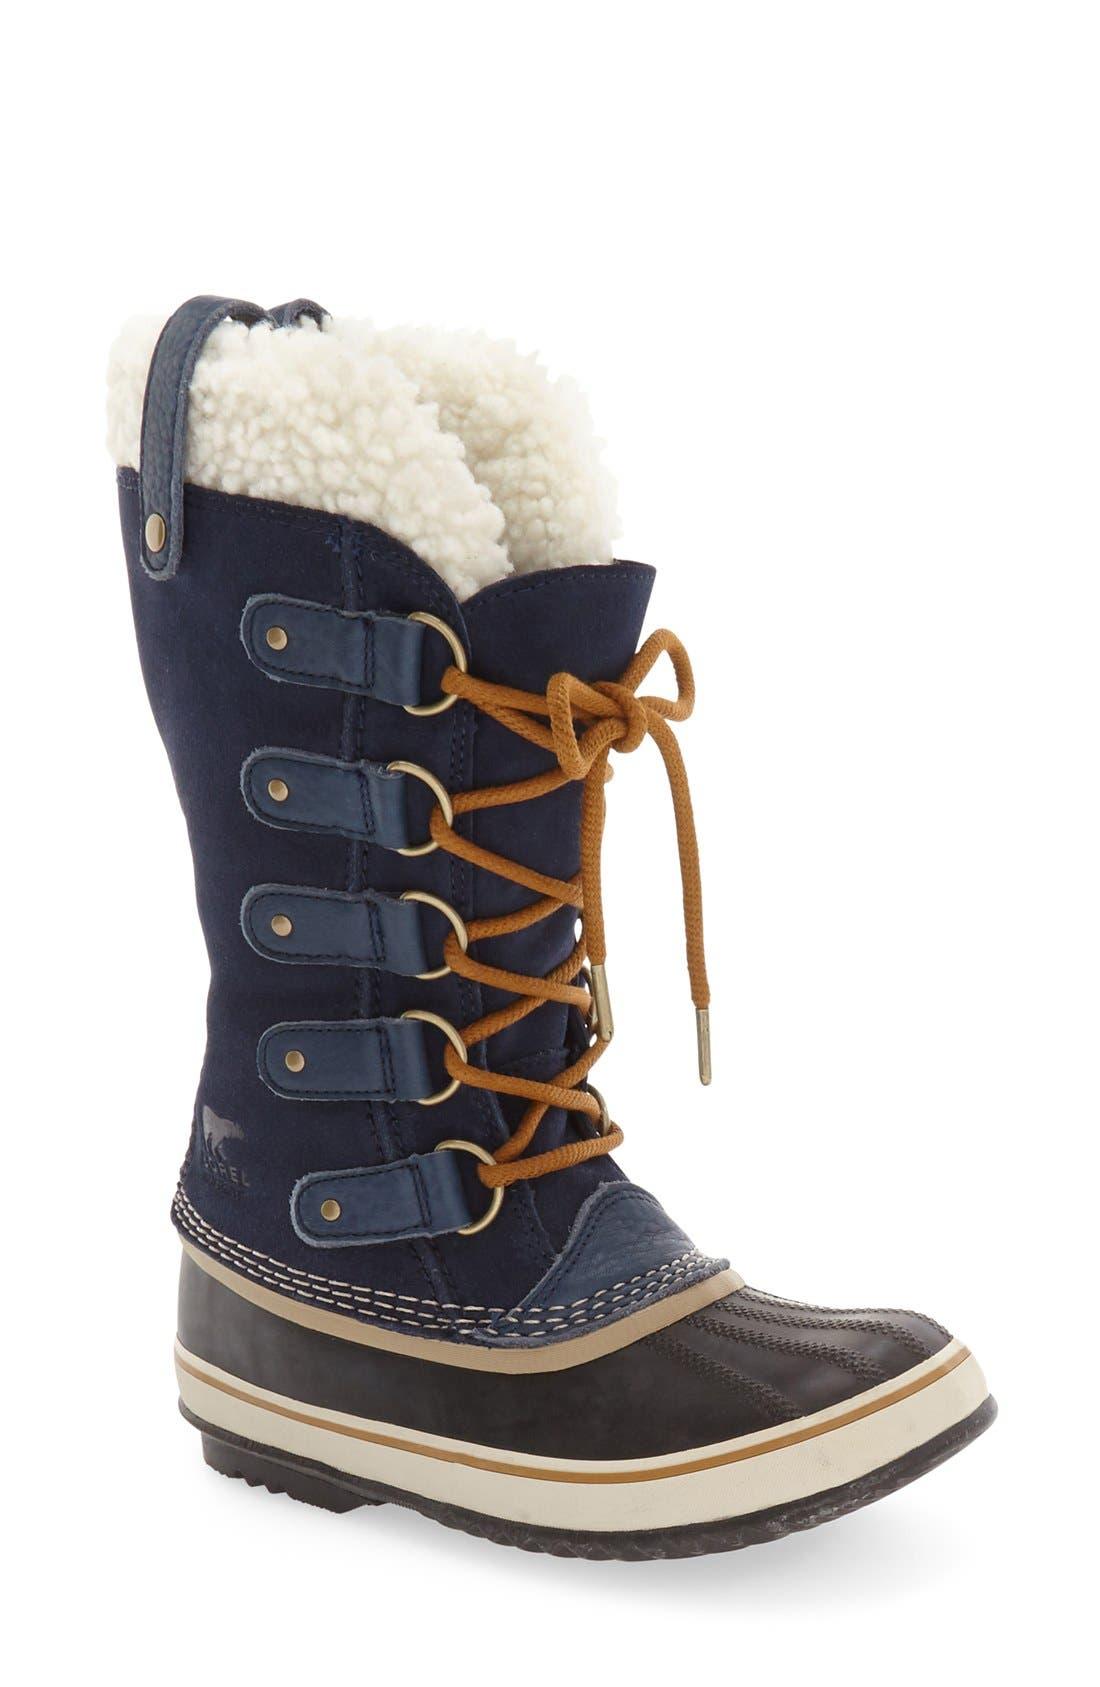 Main Image - SOREL Joan of Arctic Genuine Shearling Waterproof Boot (Women) (Regular Retail Price: $219.95)